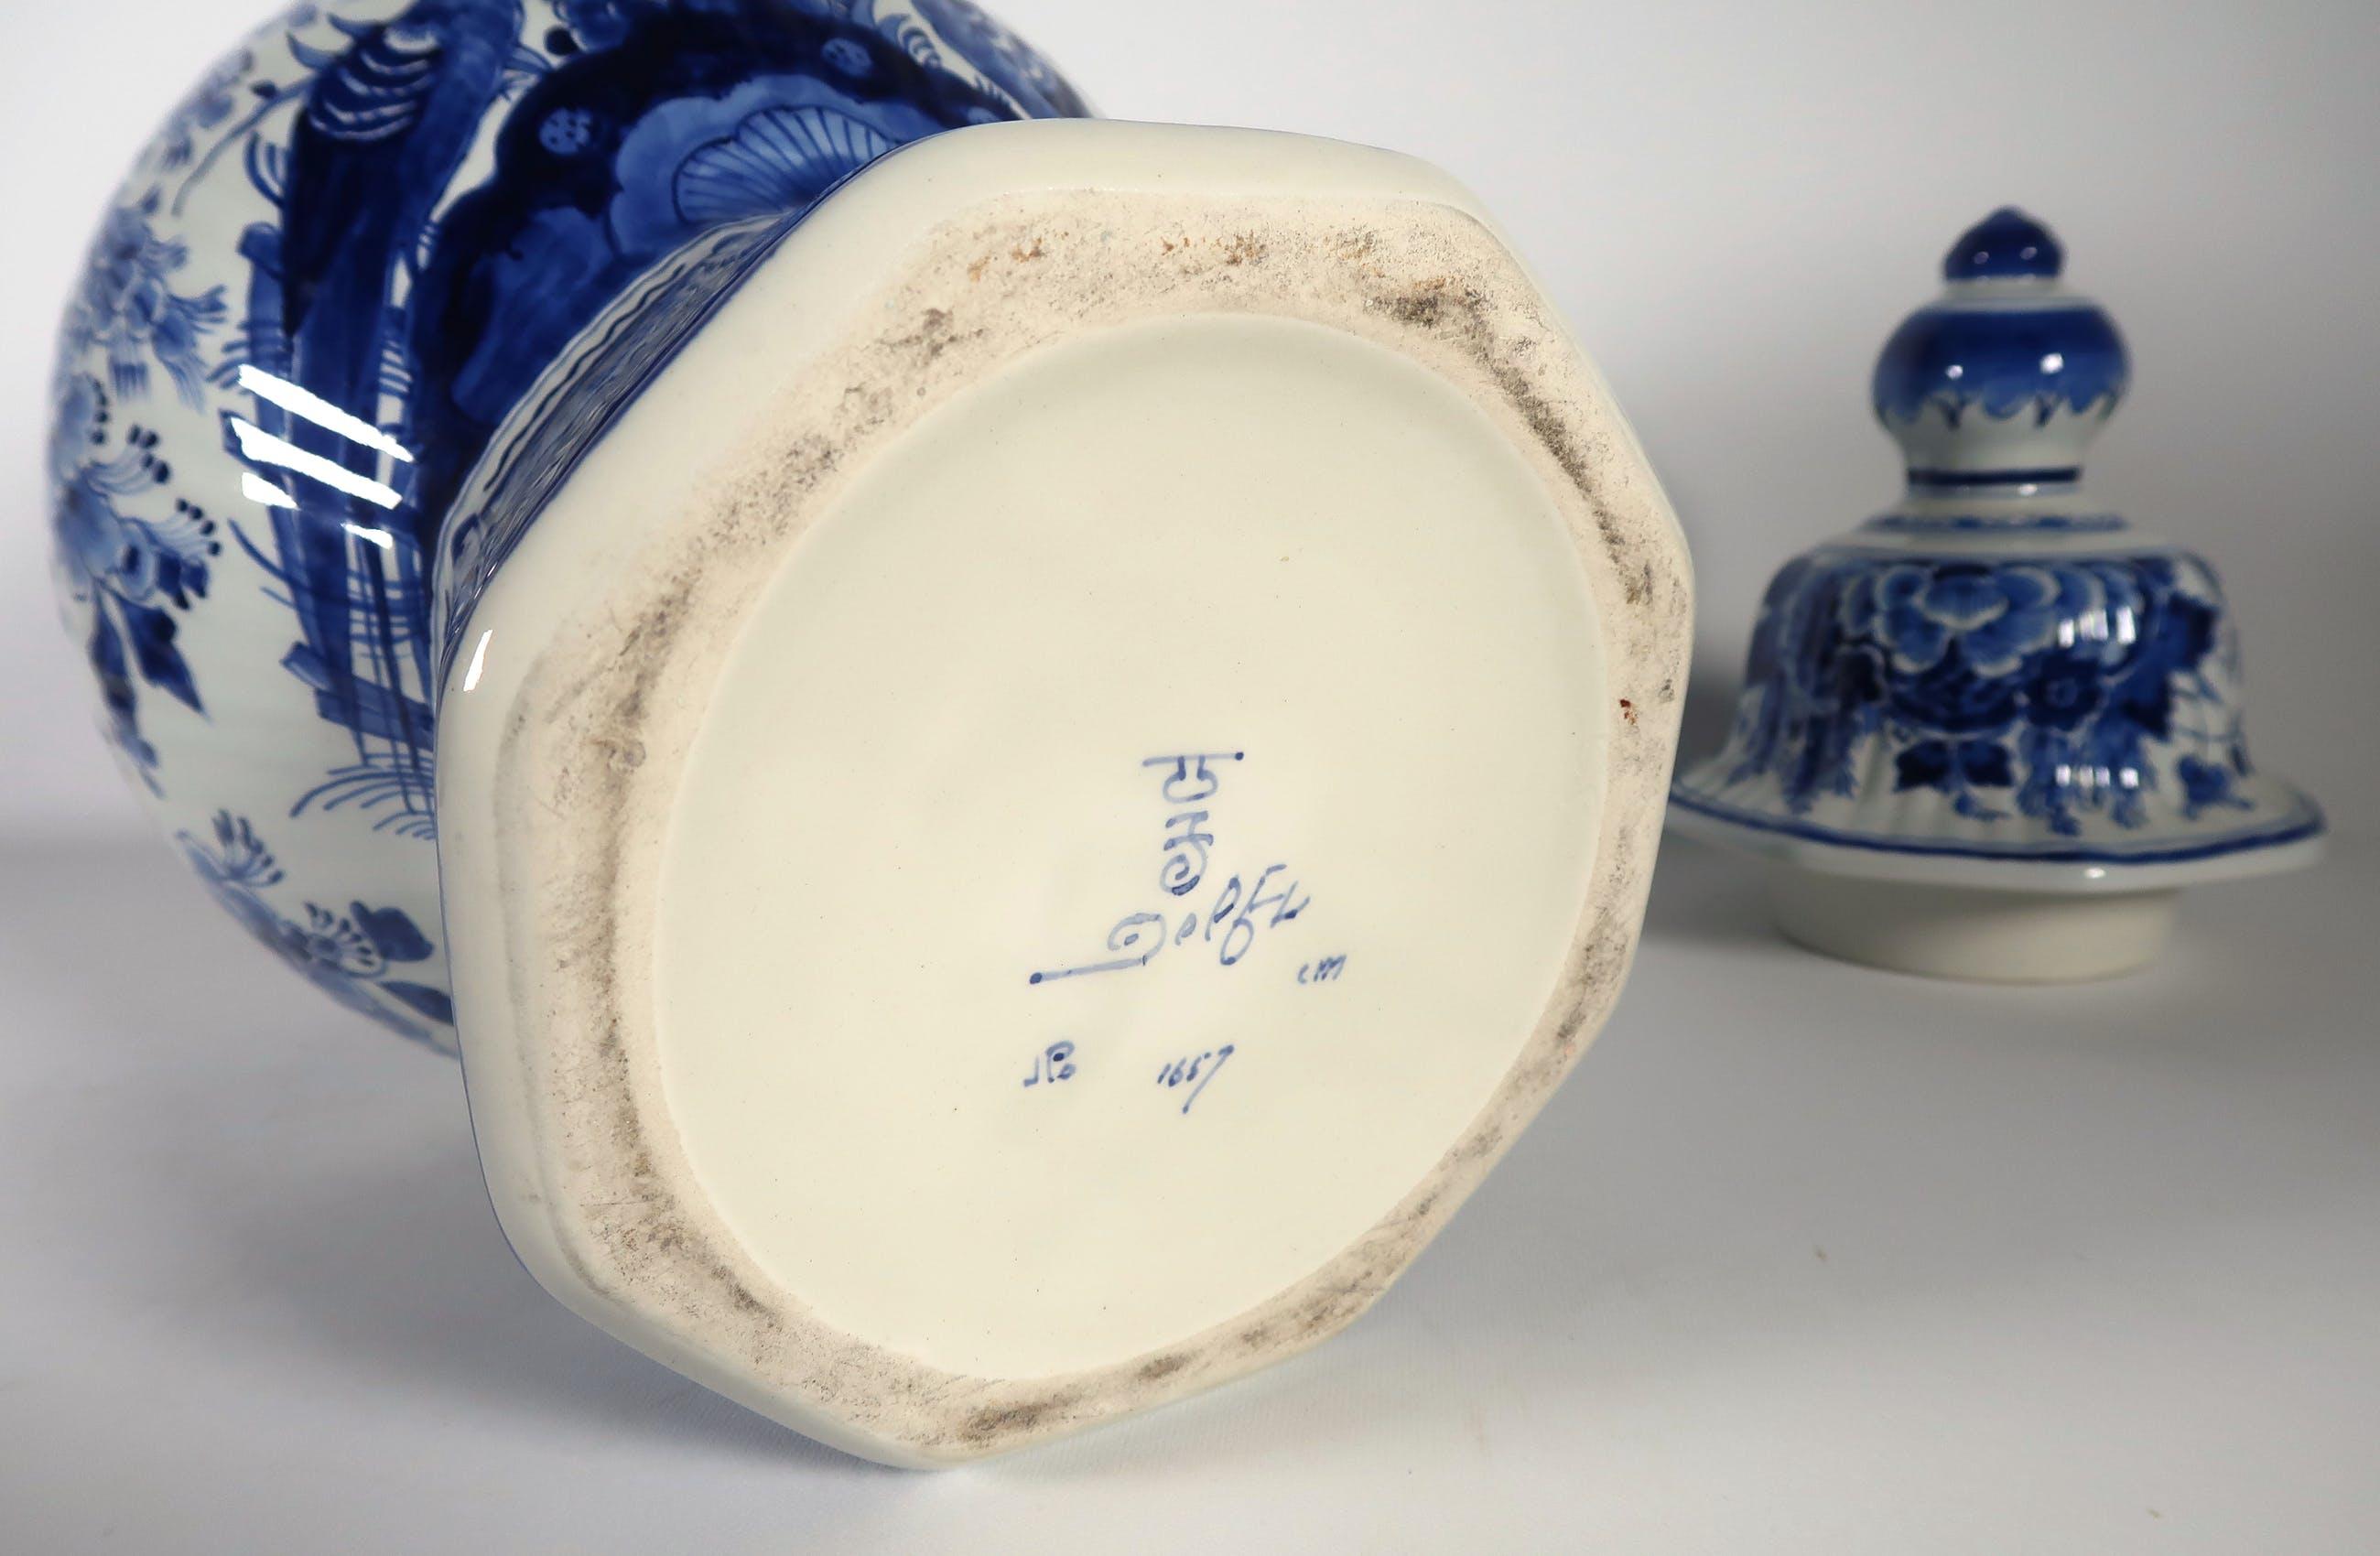 Nieuw Porceleyne Fles (Royal Delft) - Aardewerk, Dekselvaas verkocht HA-71